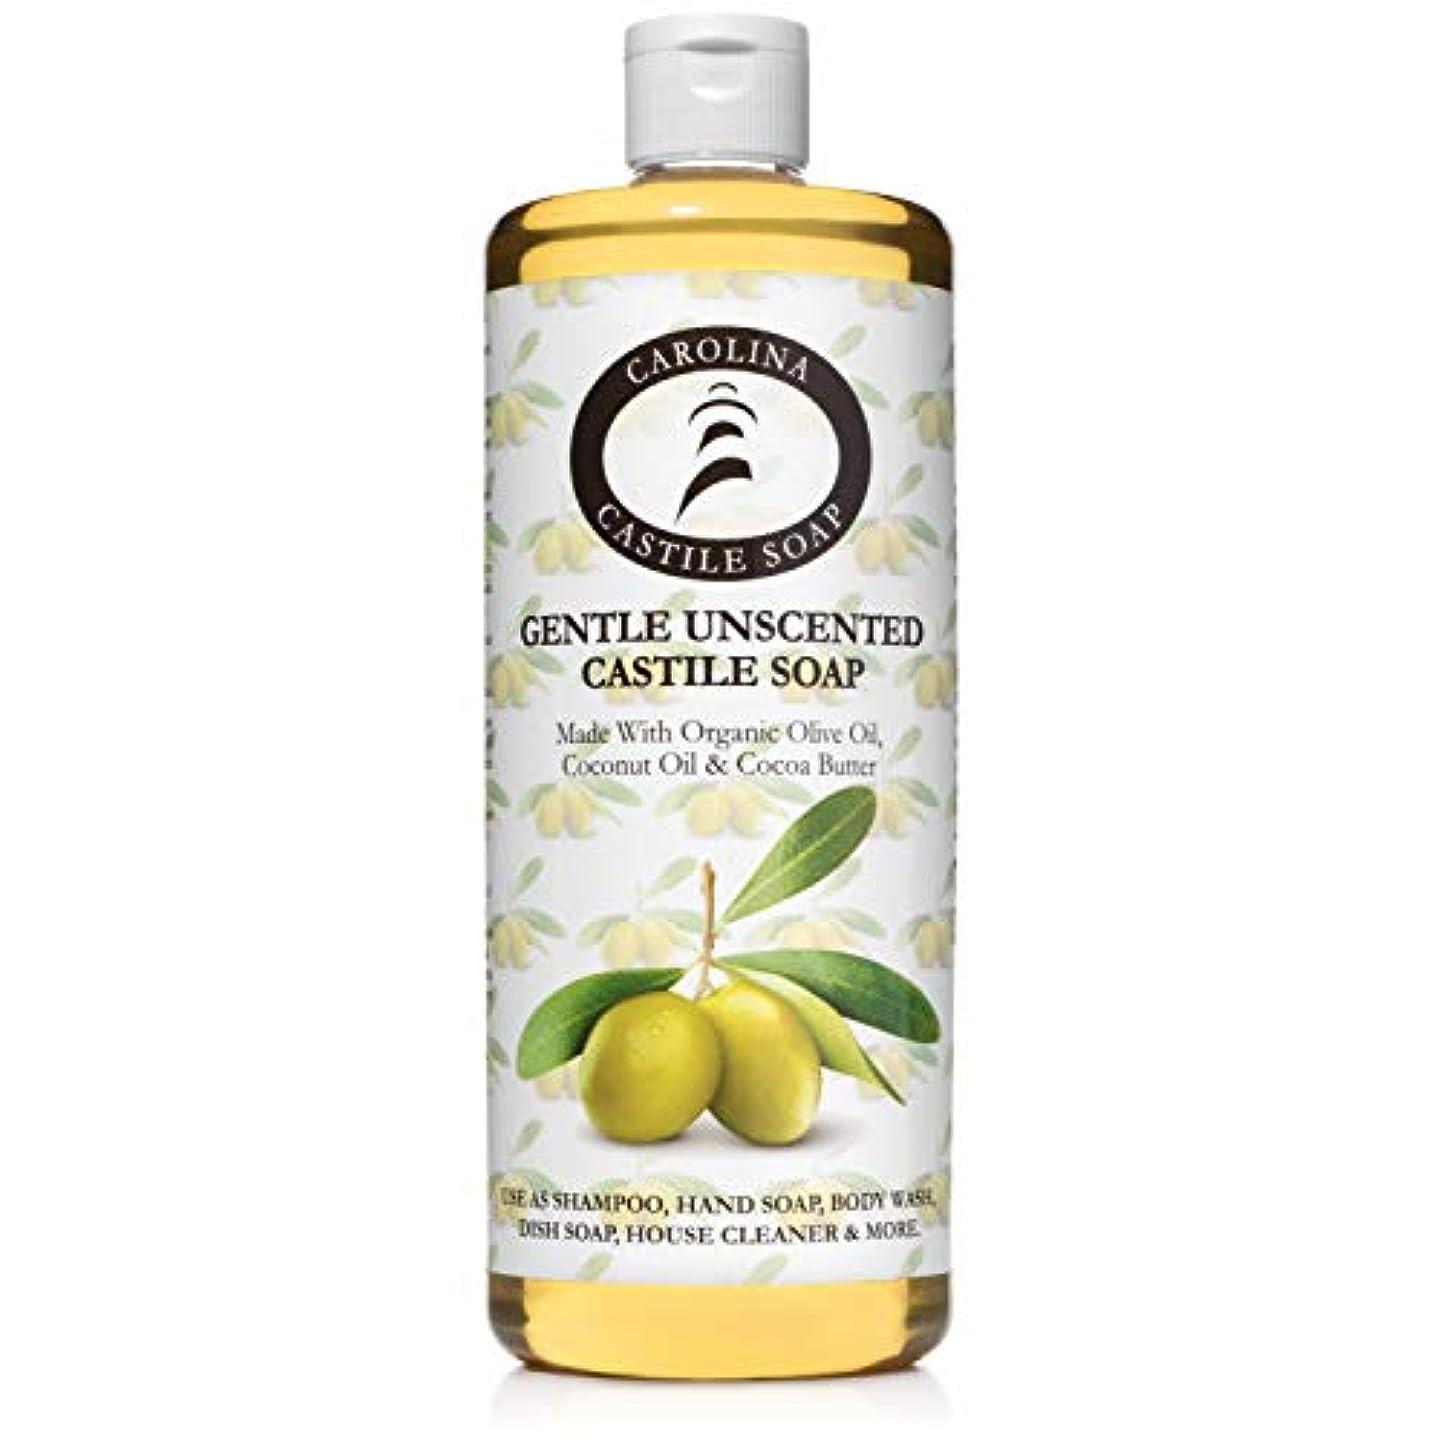 ブリリアント見込み引き受けるCarolina Castile Soap ジェントル無香料認定オーガニック 32オズ